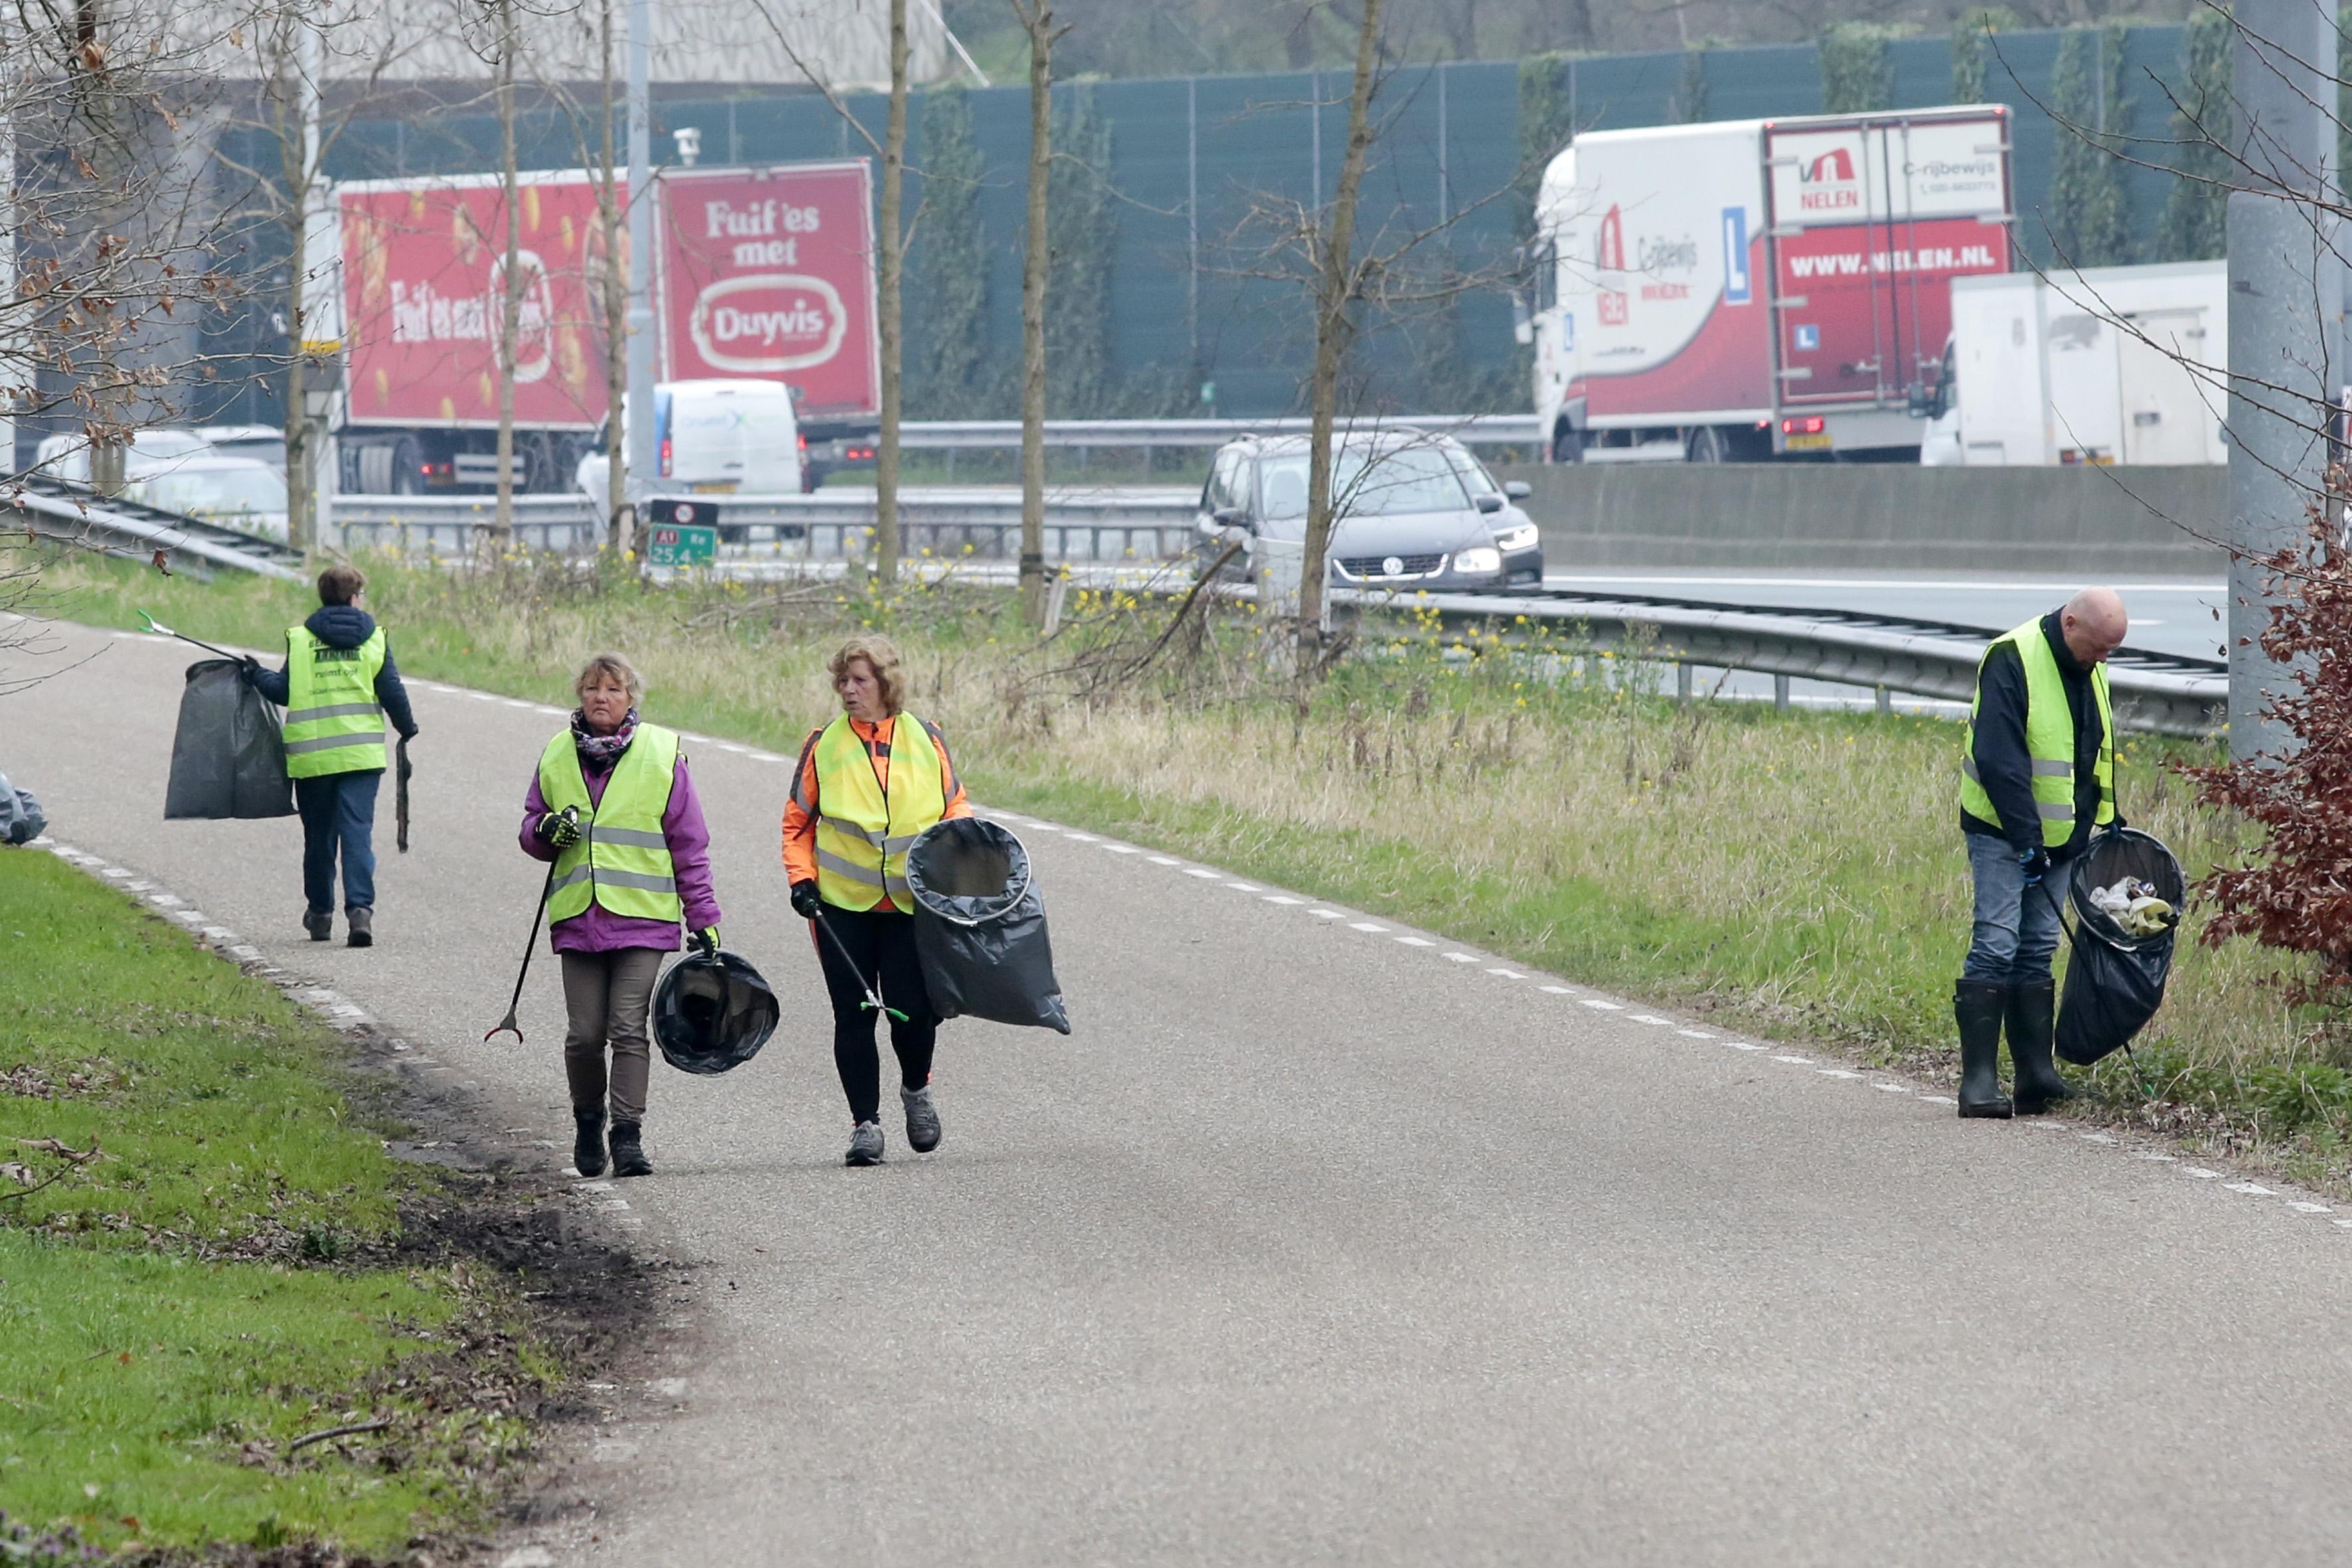 530 kilo troep vers aan de haak langs snelweg A1 bij Laren; zoveel rotzooi verzamelde de Bermbende nog nooit